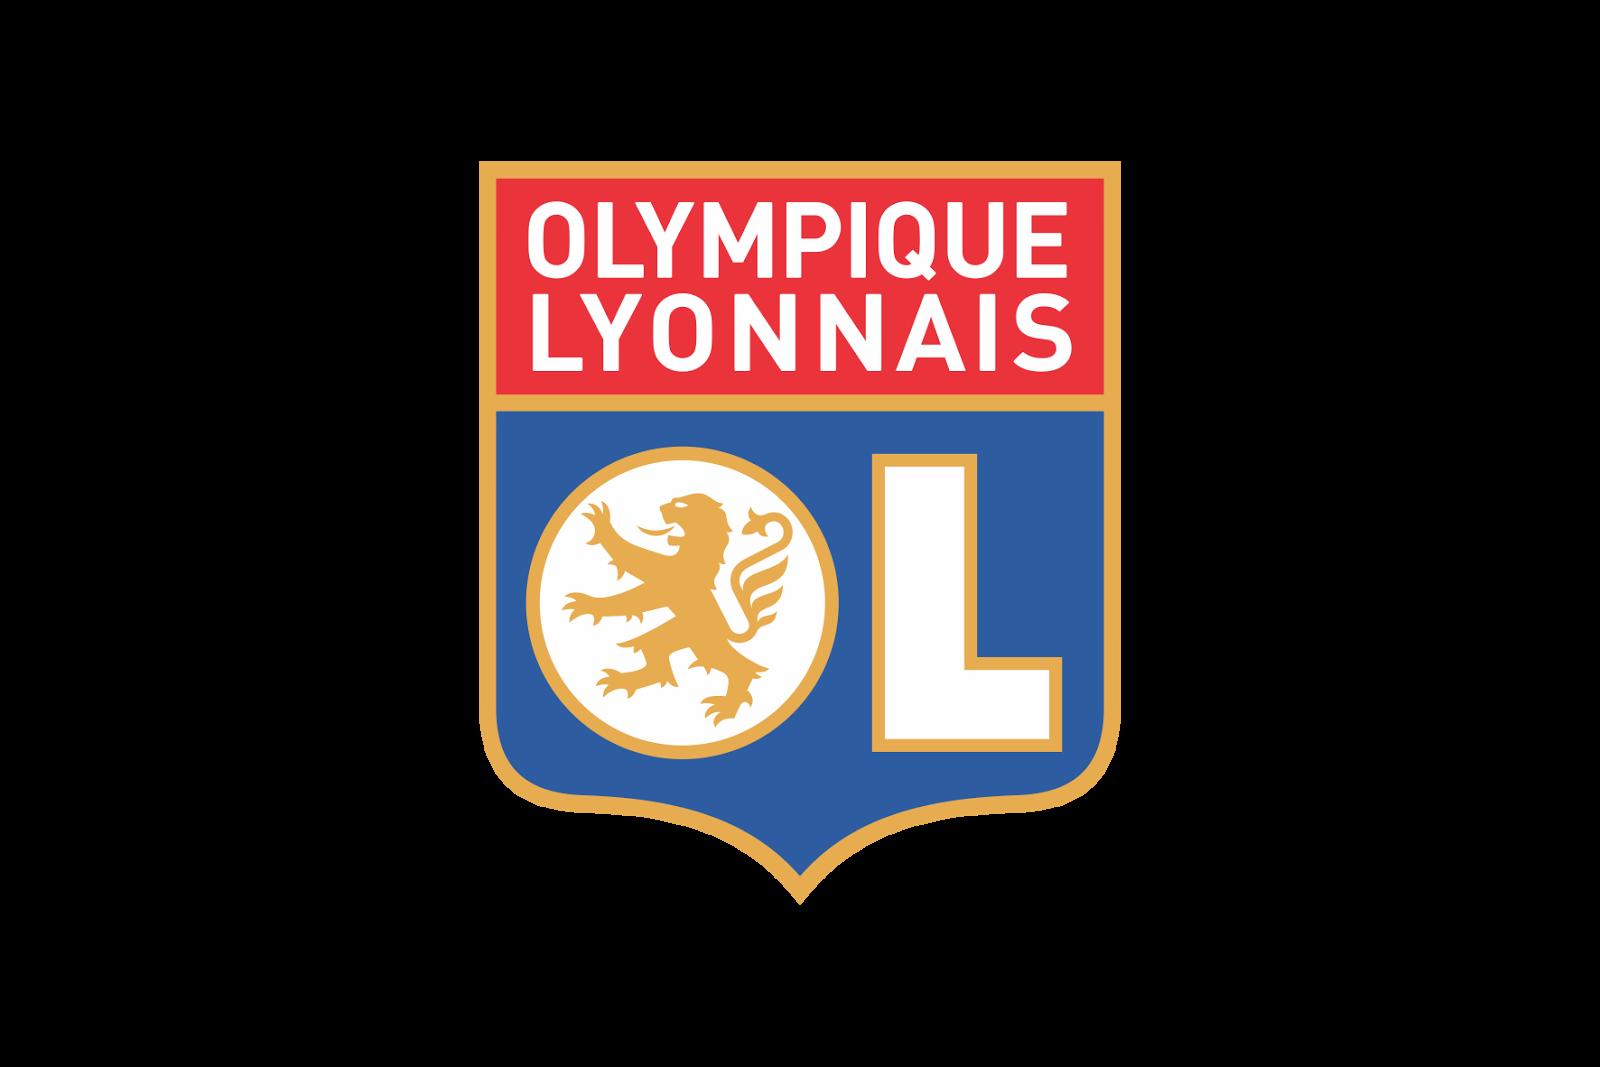 logo Honda Peugeot et logo Olympique Lyonnais